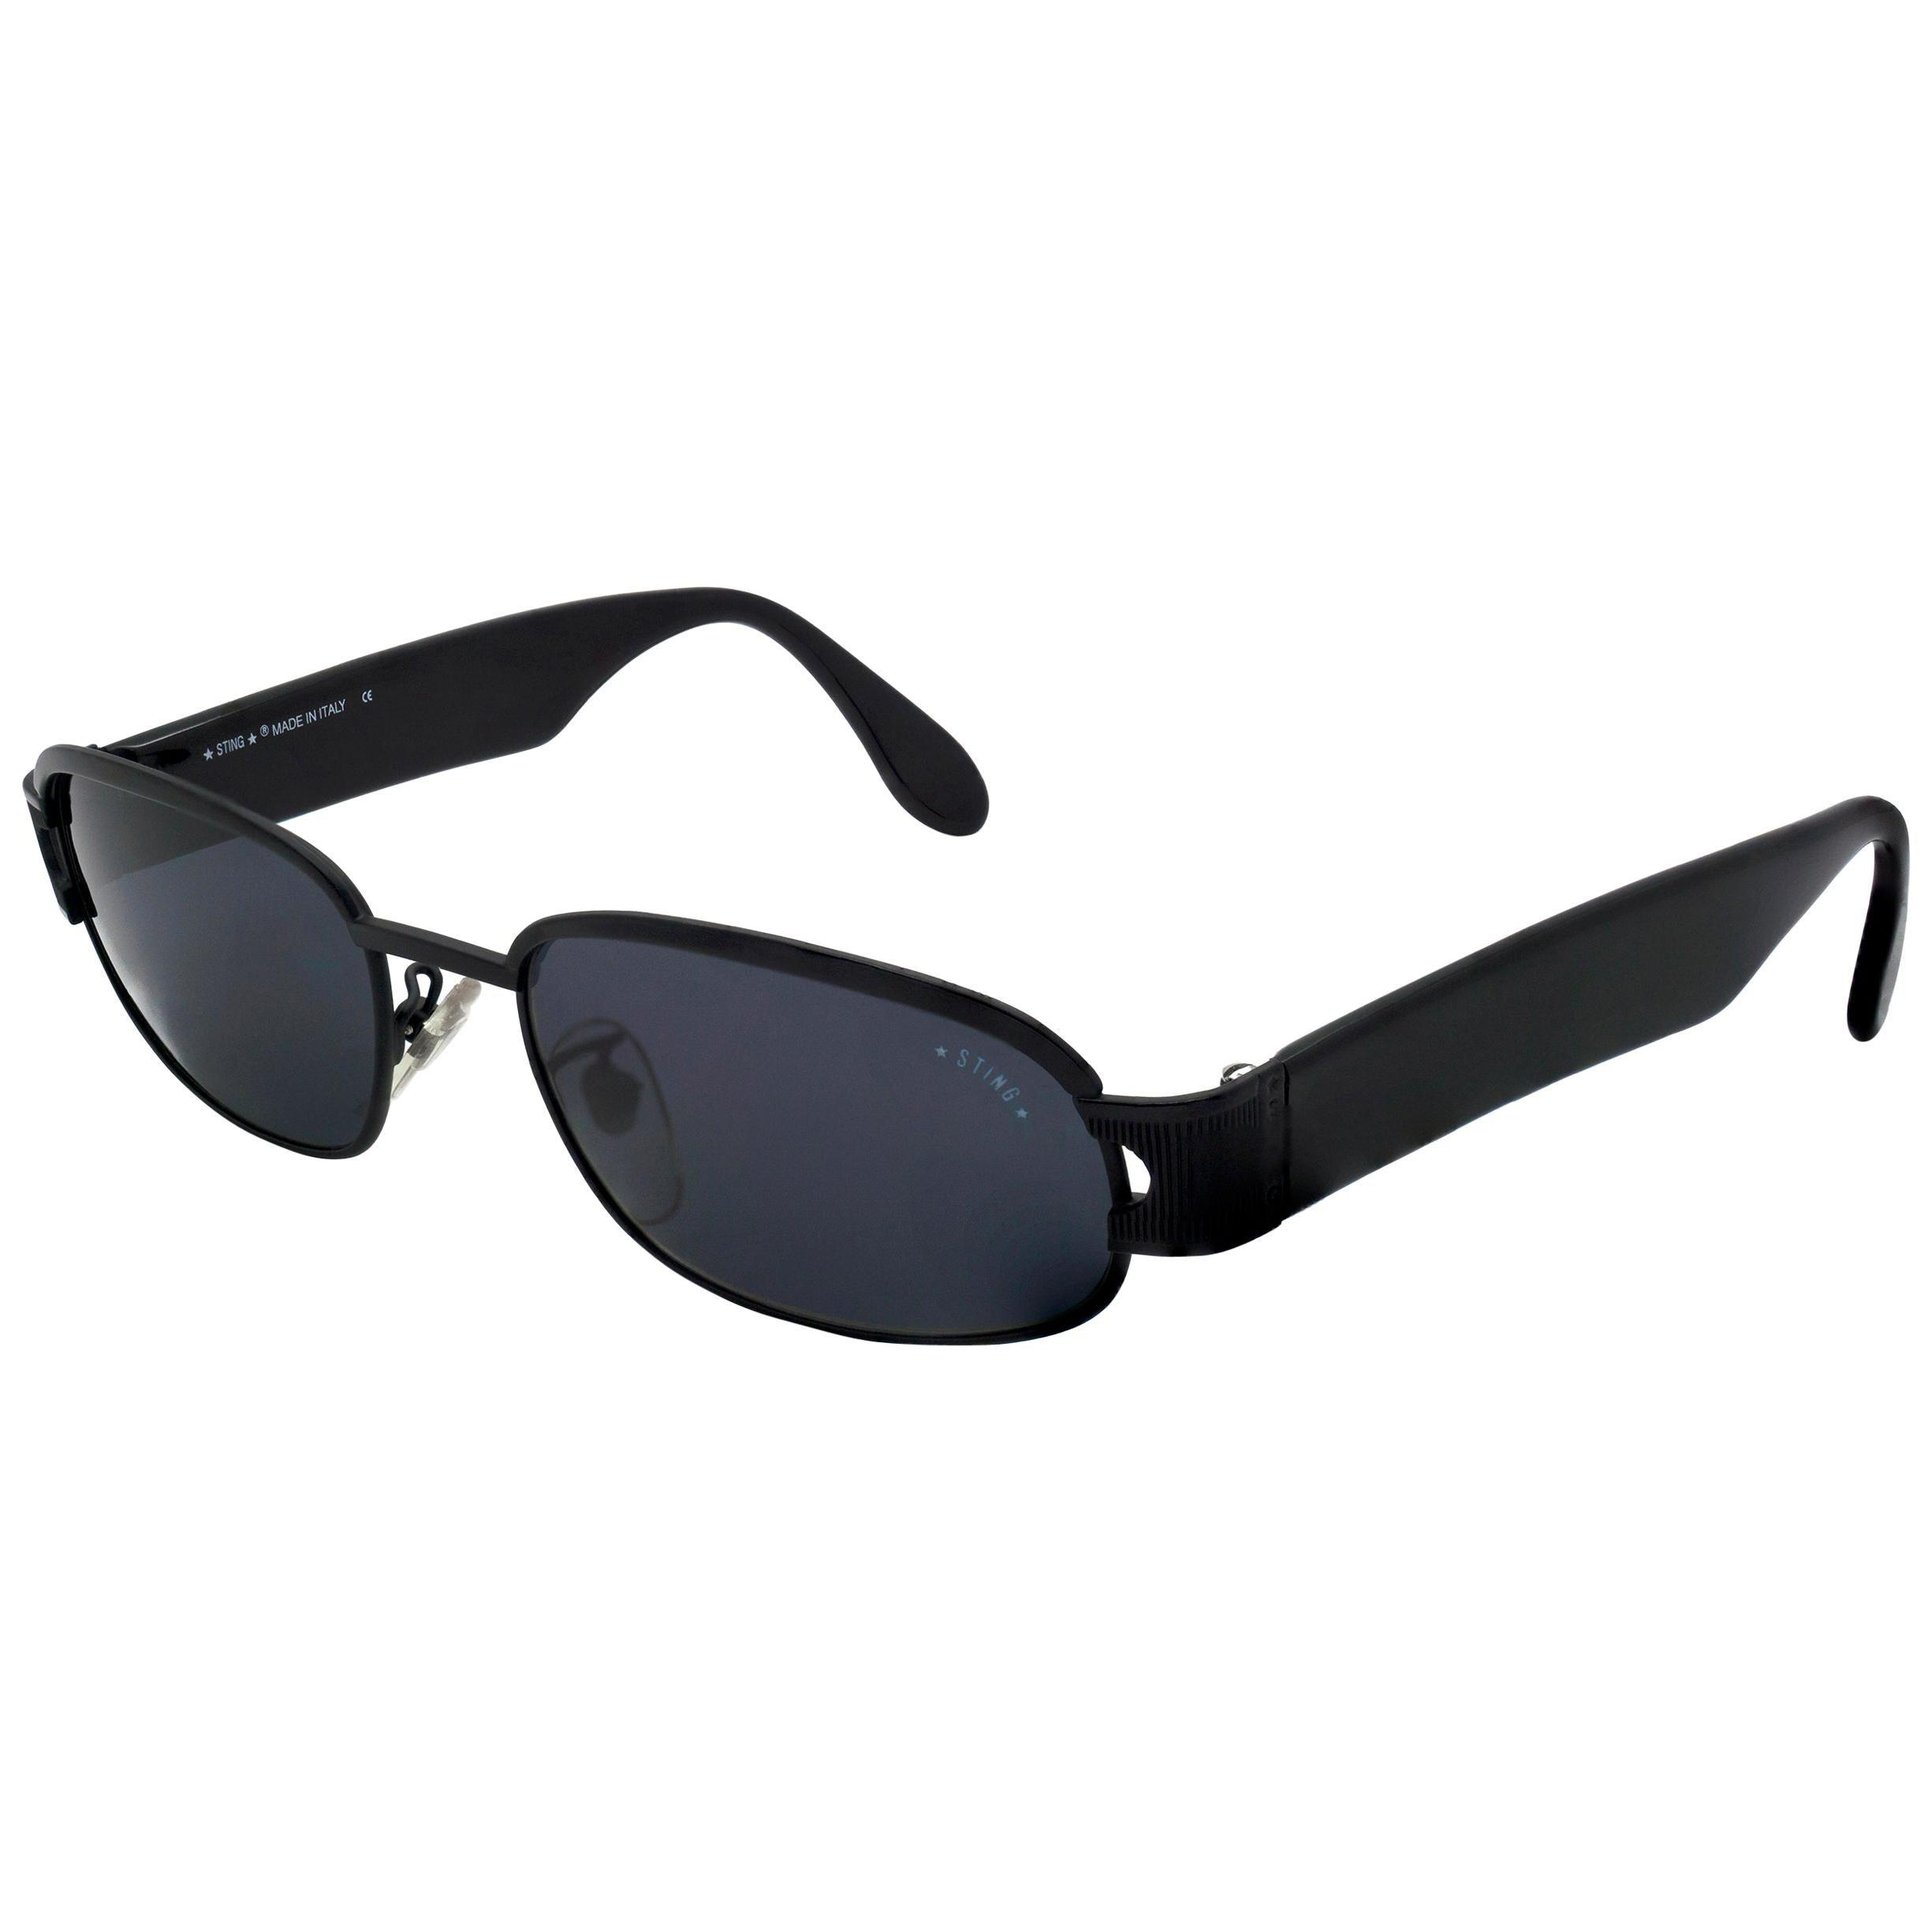 Sting black vintage sunglasses